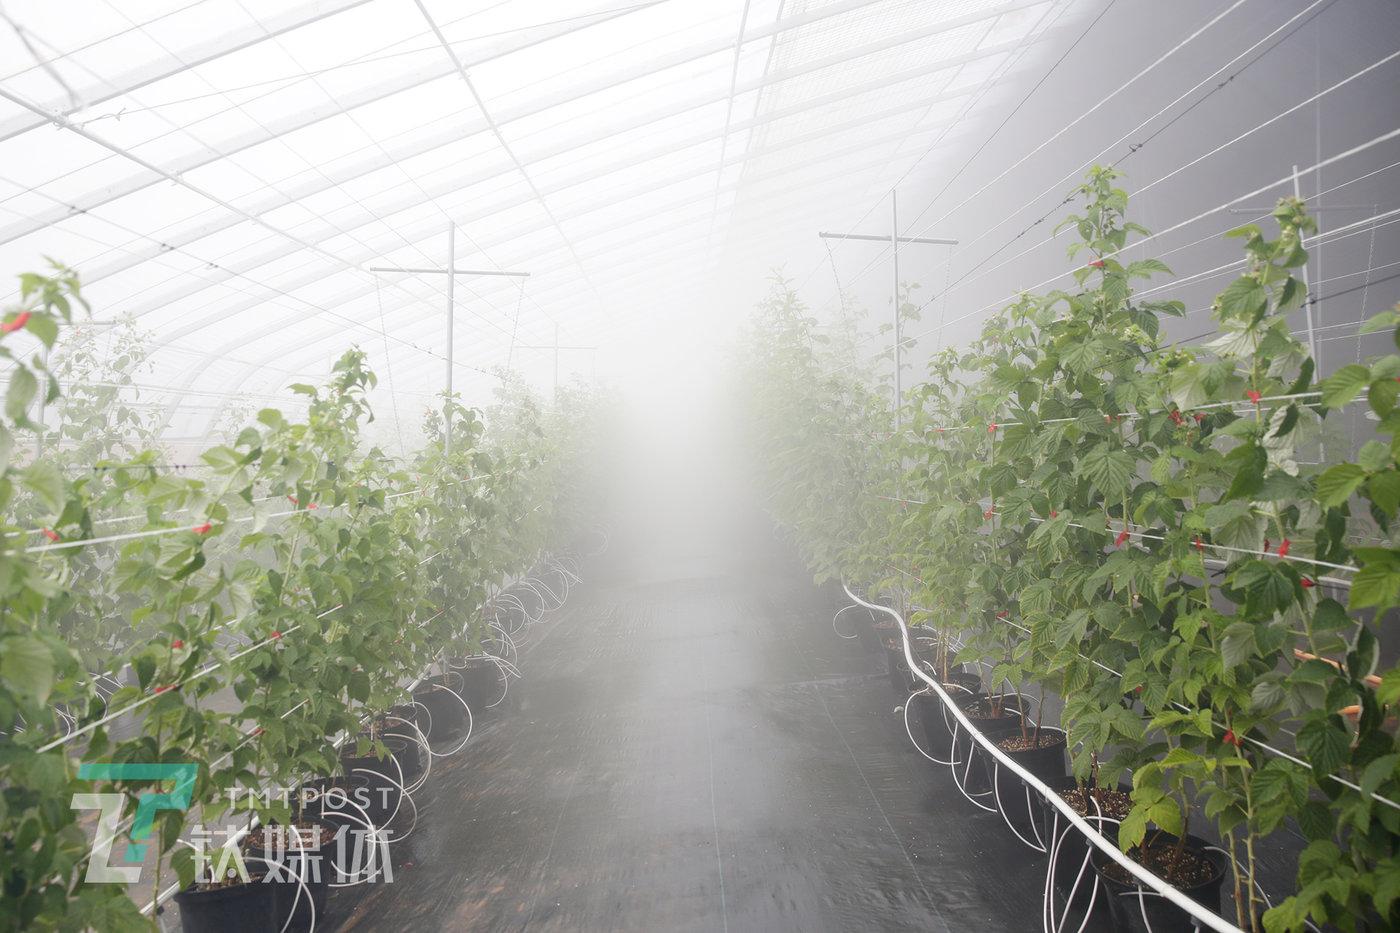 棚顶高压喷雾系统喷出的水汽弥漫在大棚里。